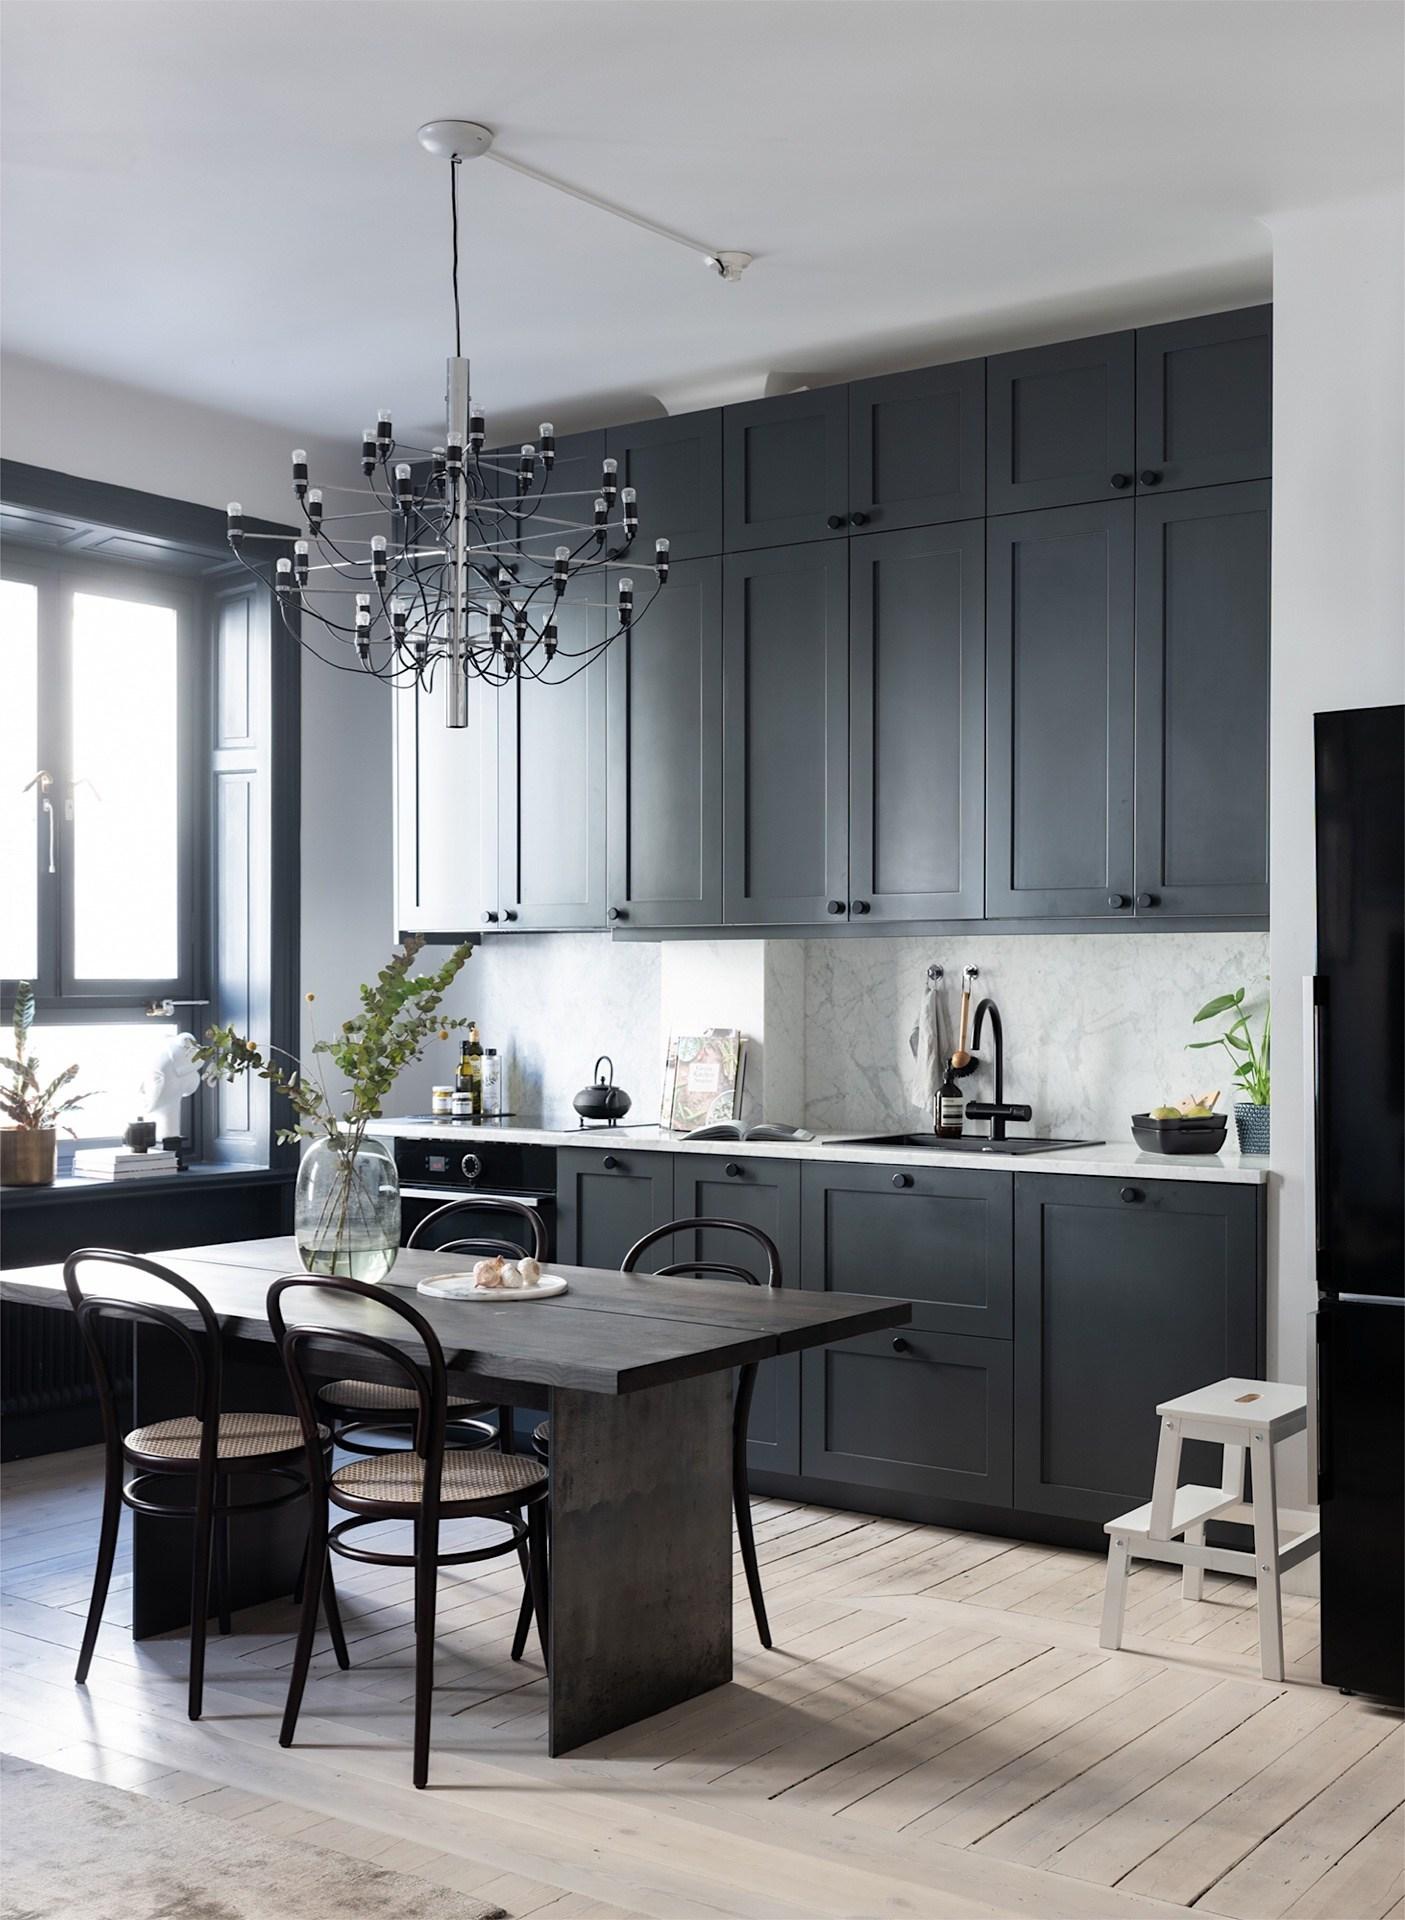 Không gian bếp cũng là nơi được mọi người trong gia đình yêu thích, nơi bày biện những món ăn thật ngon mỗi ngày dành cho các thành viên trong gia đình